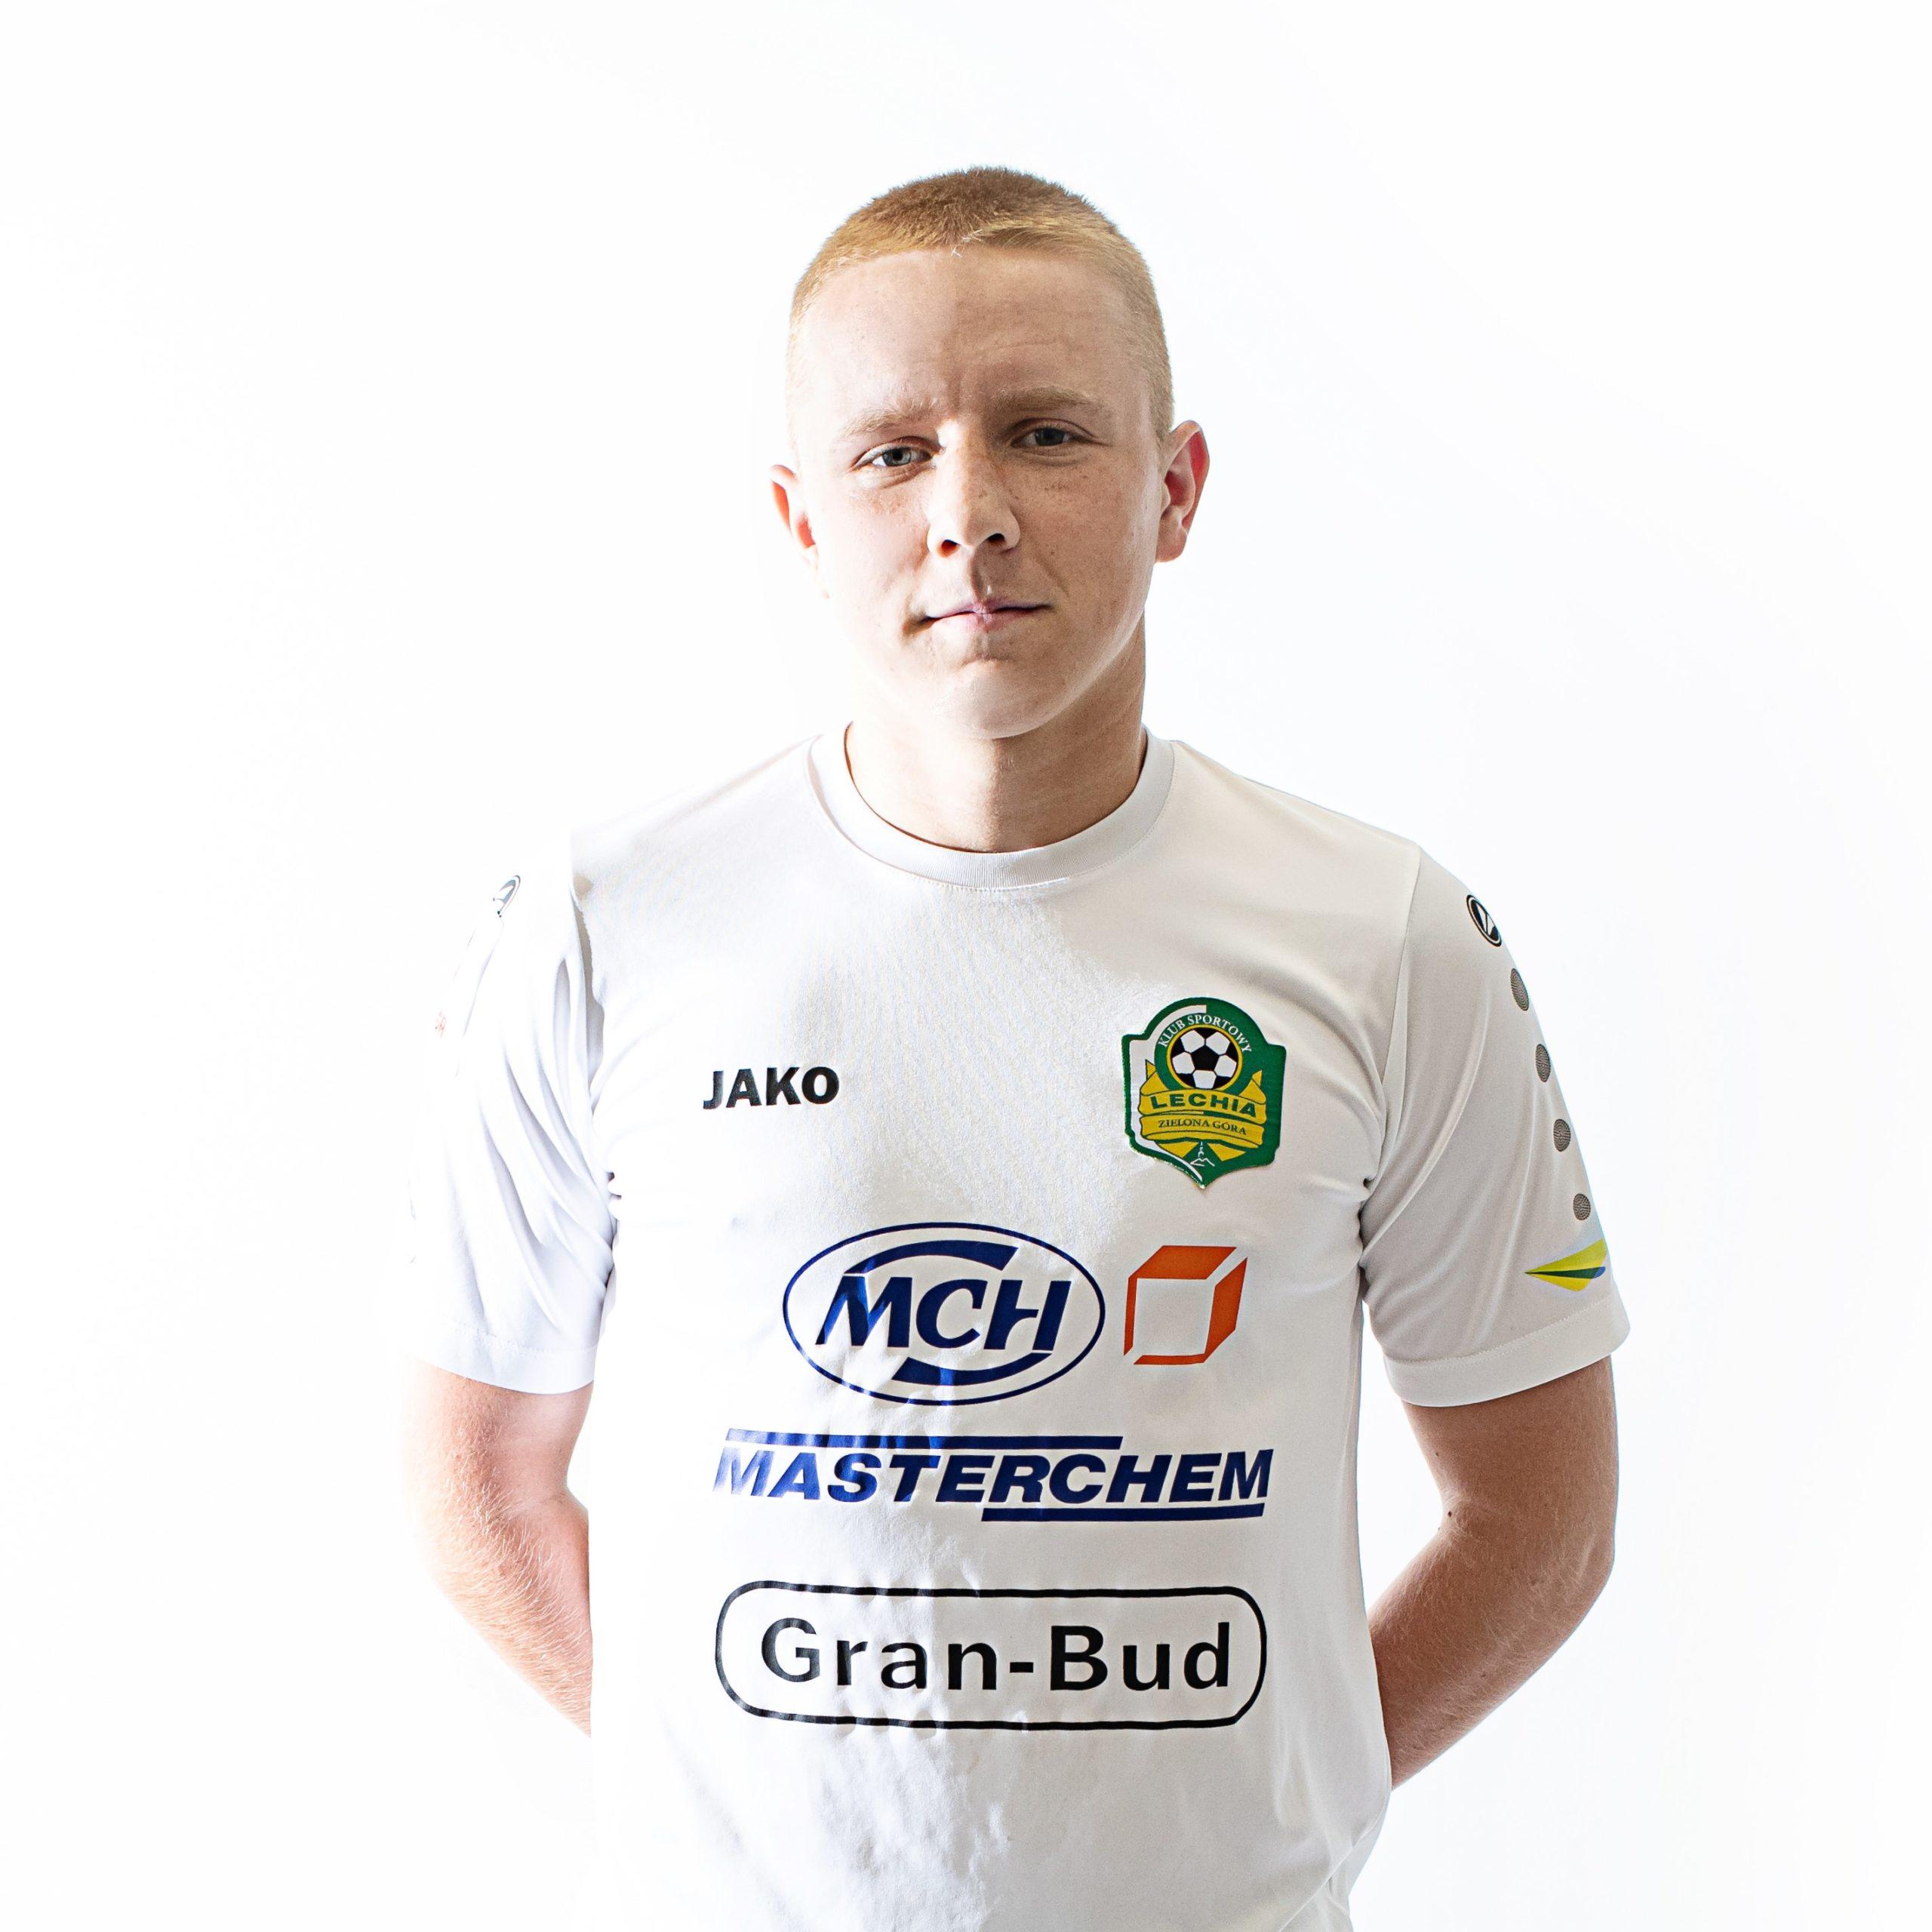 Jakub Budziński